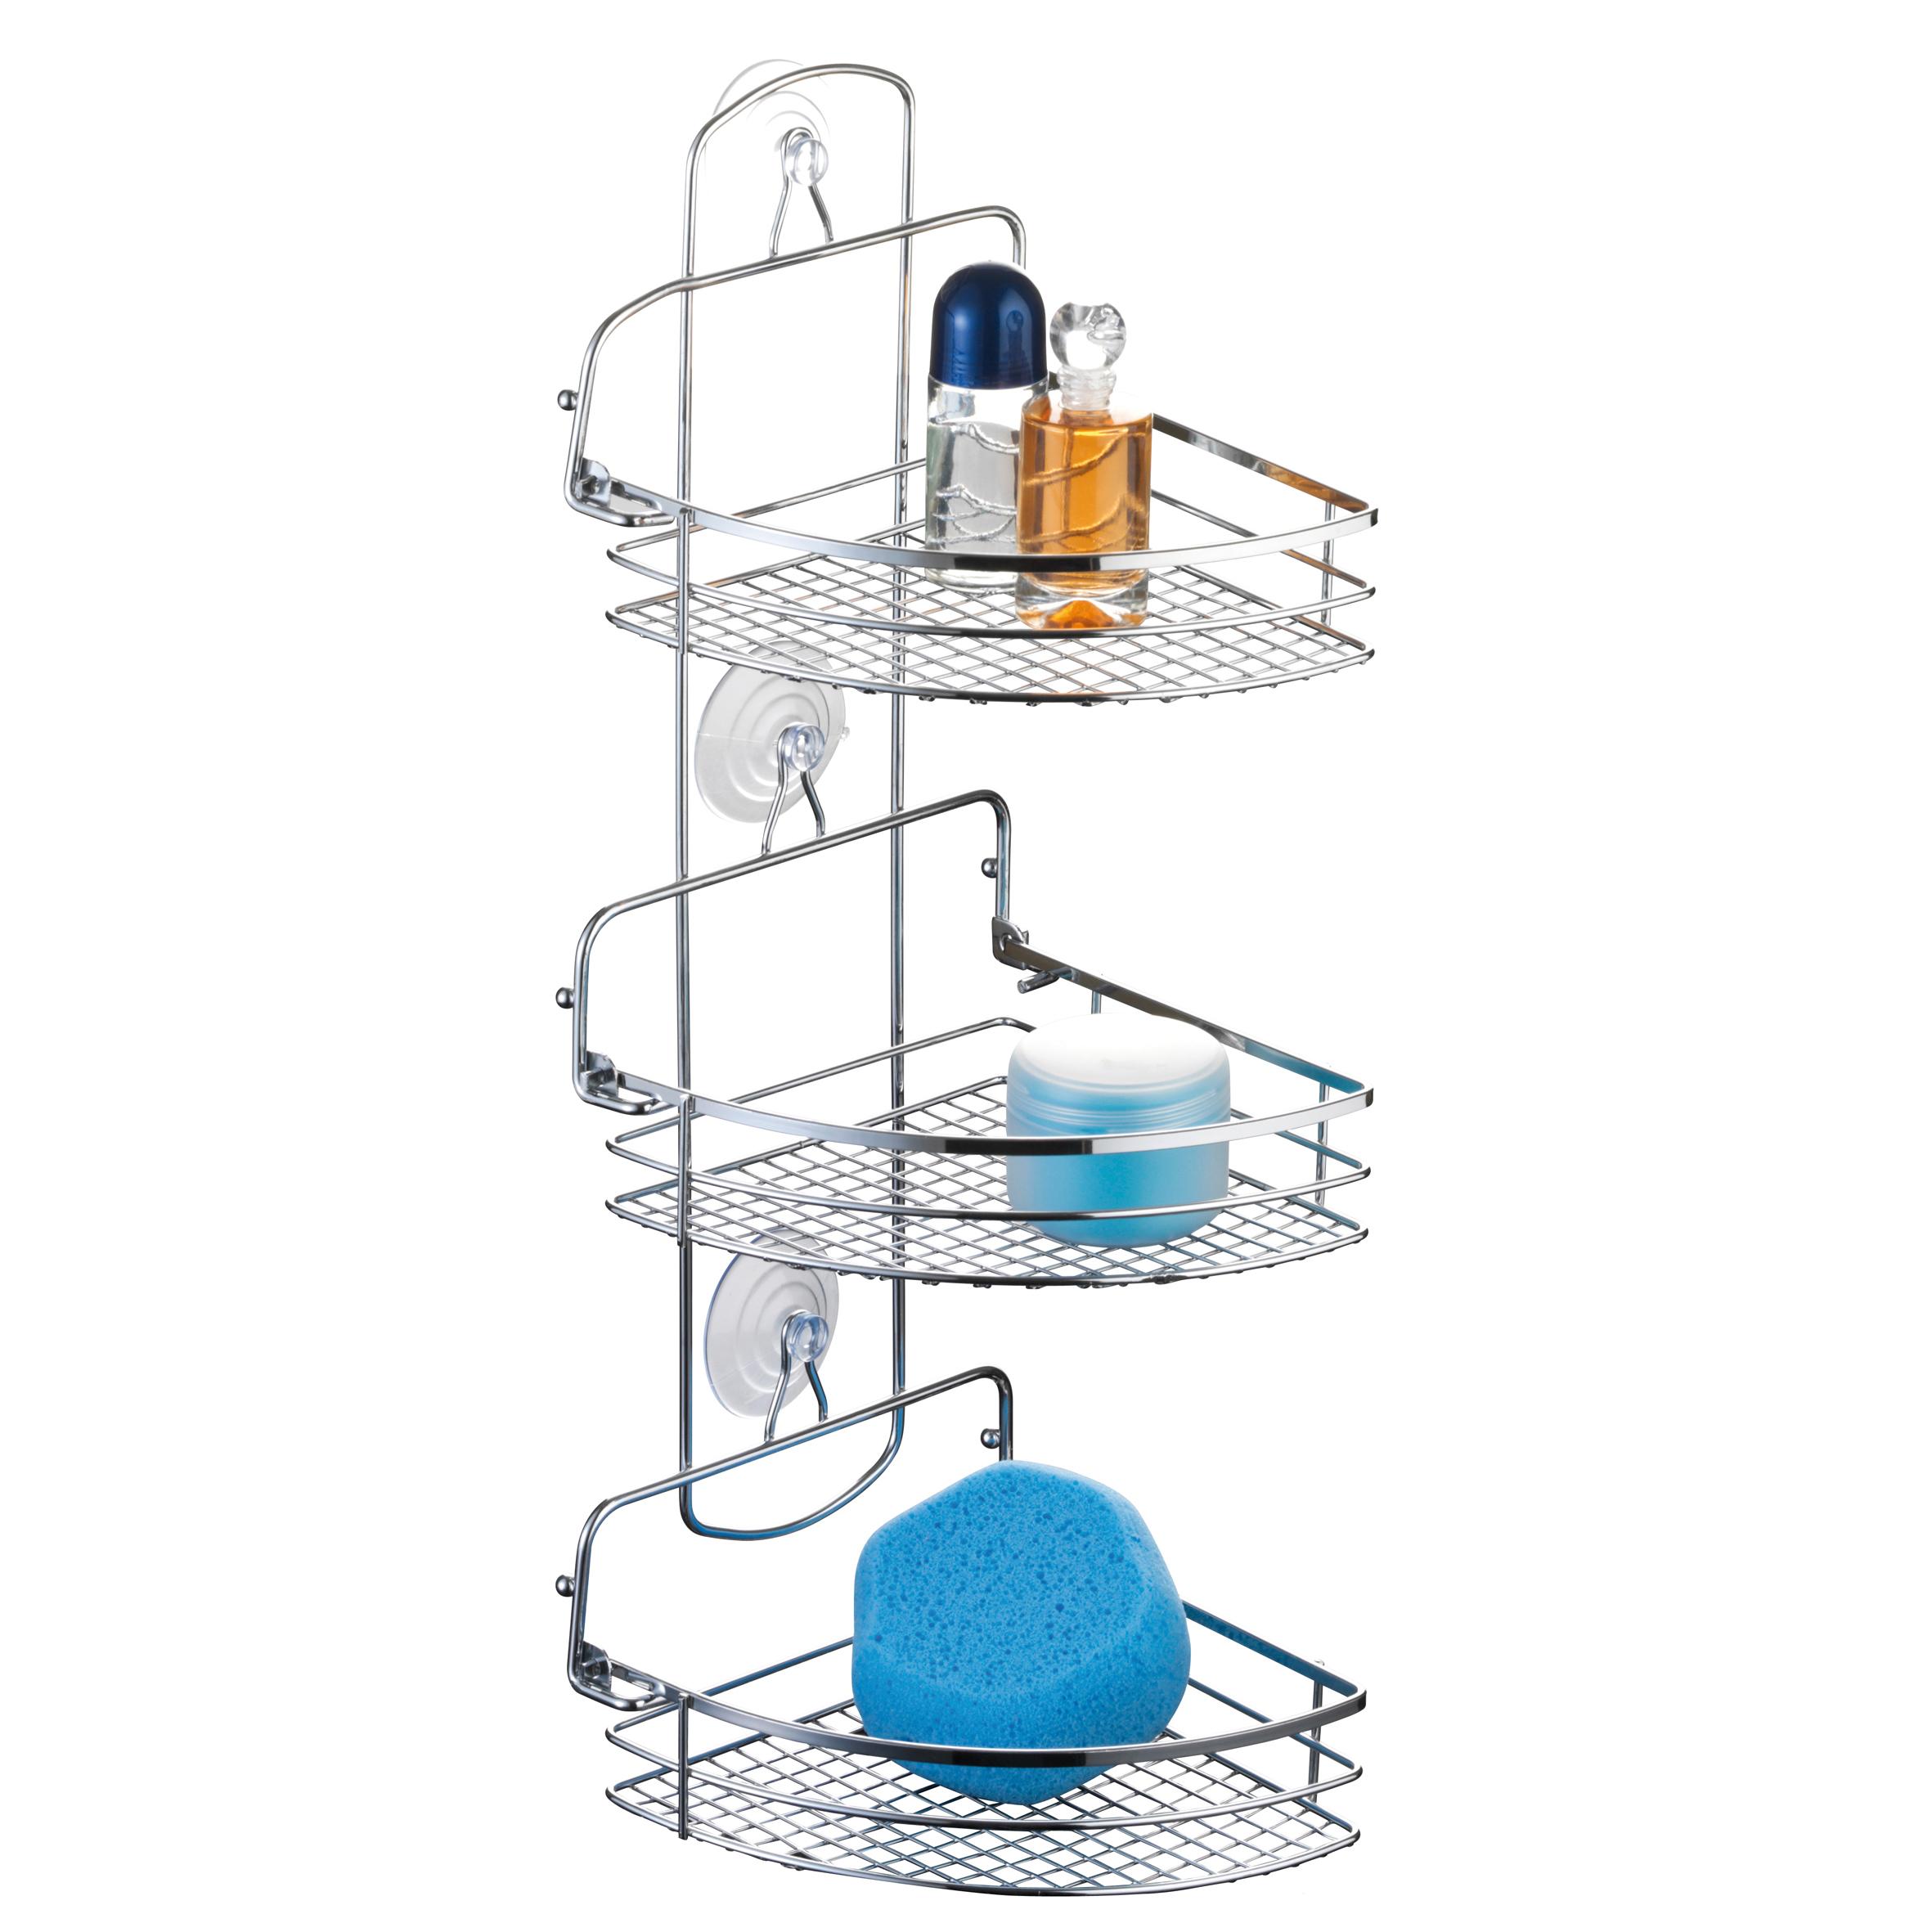 Полка для ванной Axentia Cassandra, угловая, трехъярусная, 20 х 27 х 57 см280871Трехъярусная полка для ванной Axentia Cassandra изготовлена из стали с качественным хромированным покрытием, которое на долго защитит изделие от ржавчины в условиях высокой влажности в ванной комнате. Изделие имеет угловую конструкцию и два вида крепления: на присосках или на шурупах (входят в комплект). Классический дизайн и оптимальная вместимость подойдет для любого интерьера ванной комнаты или кухни.